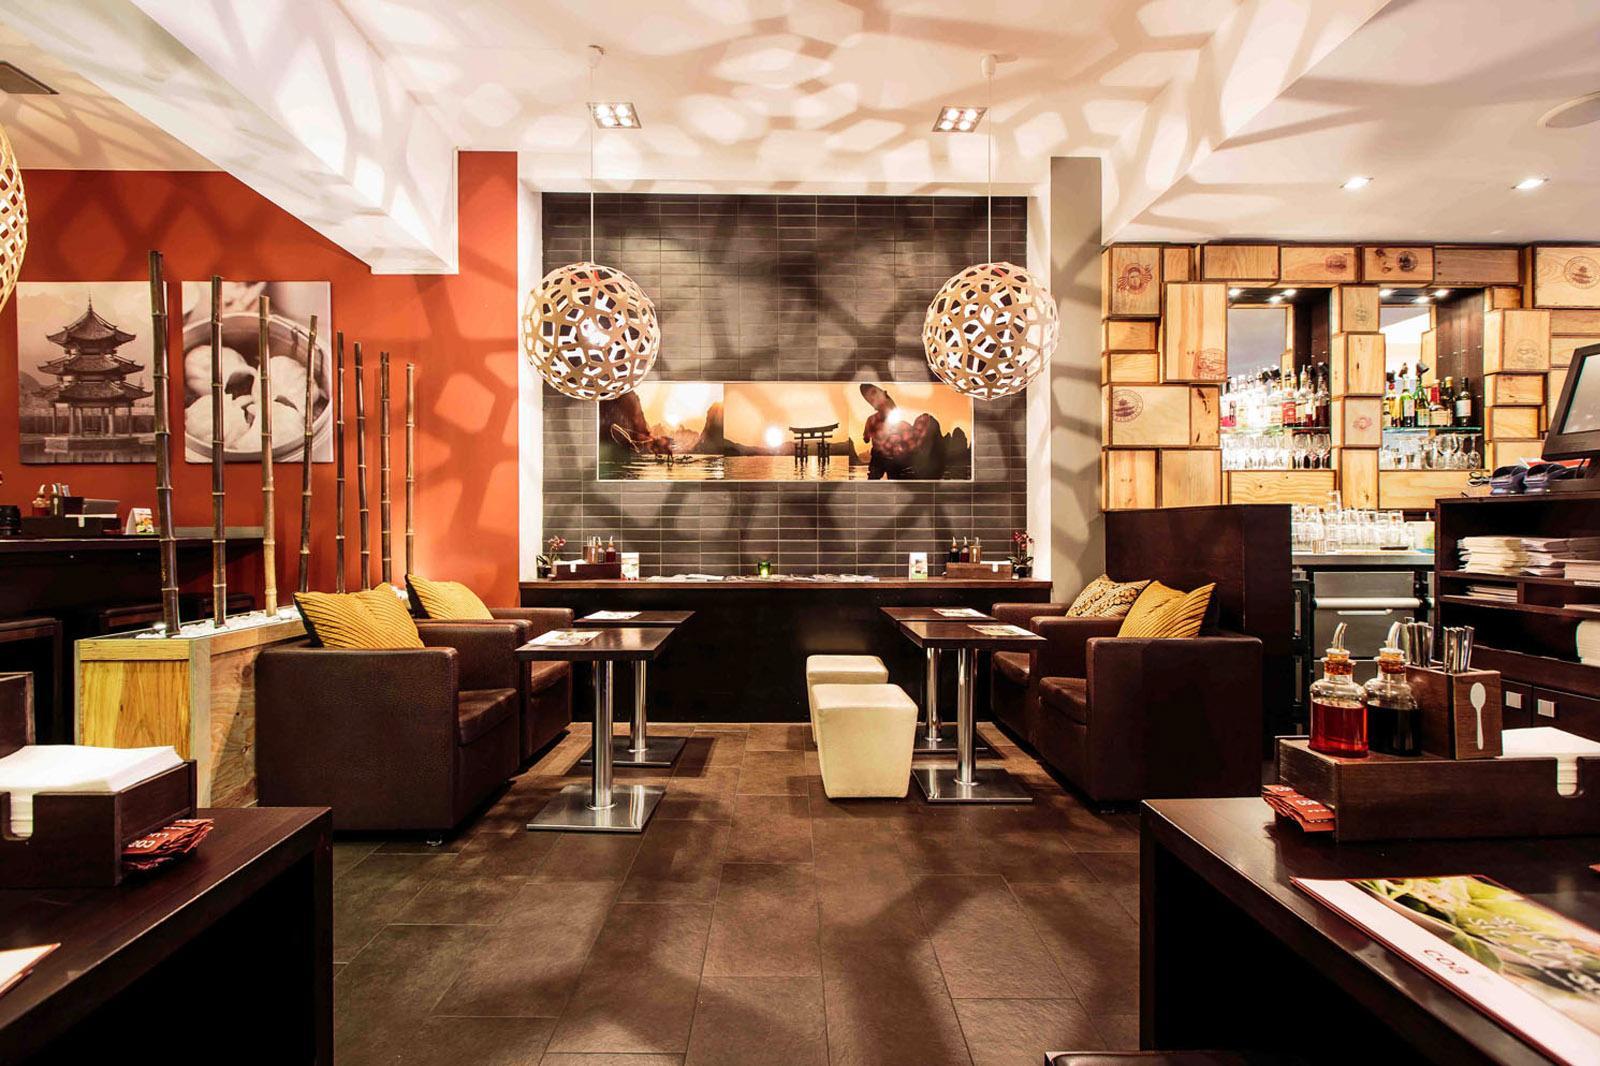 cafe • bilder & ideen • couchstyle, Wohnzimmer